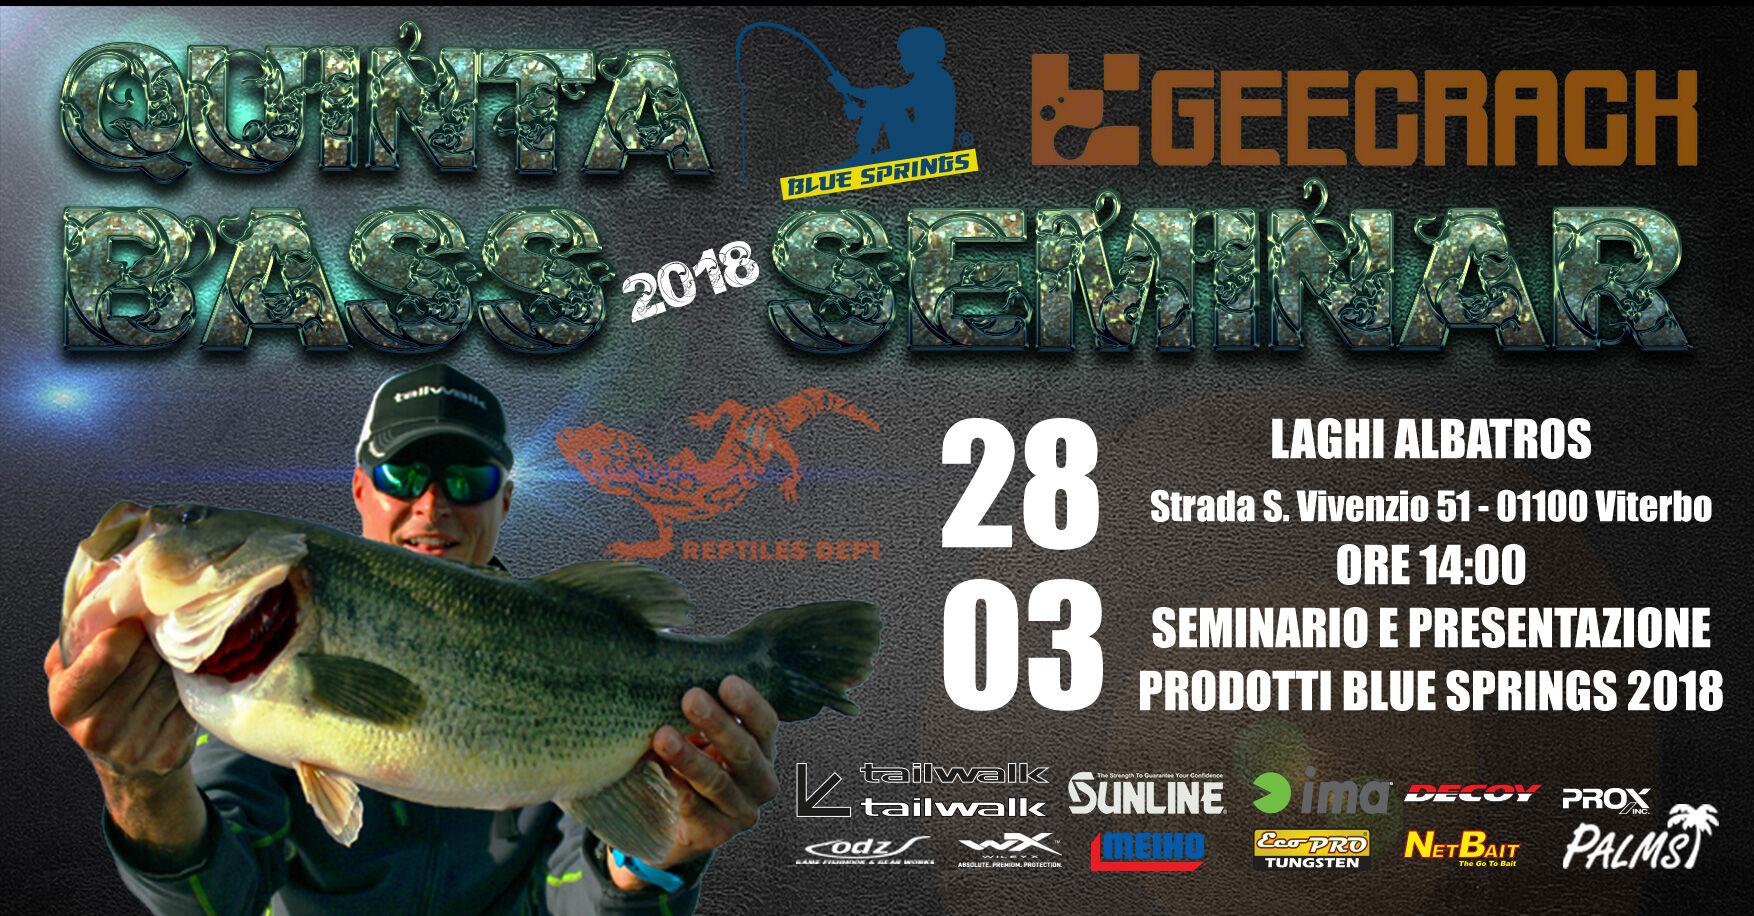 Laghi Albatros bass seminar 18